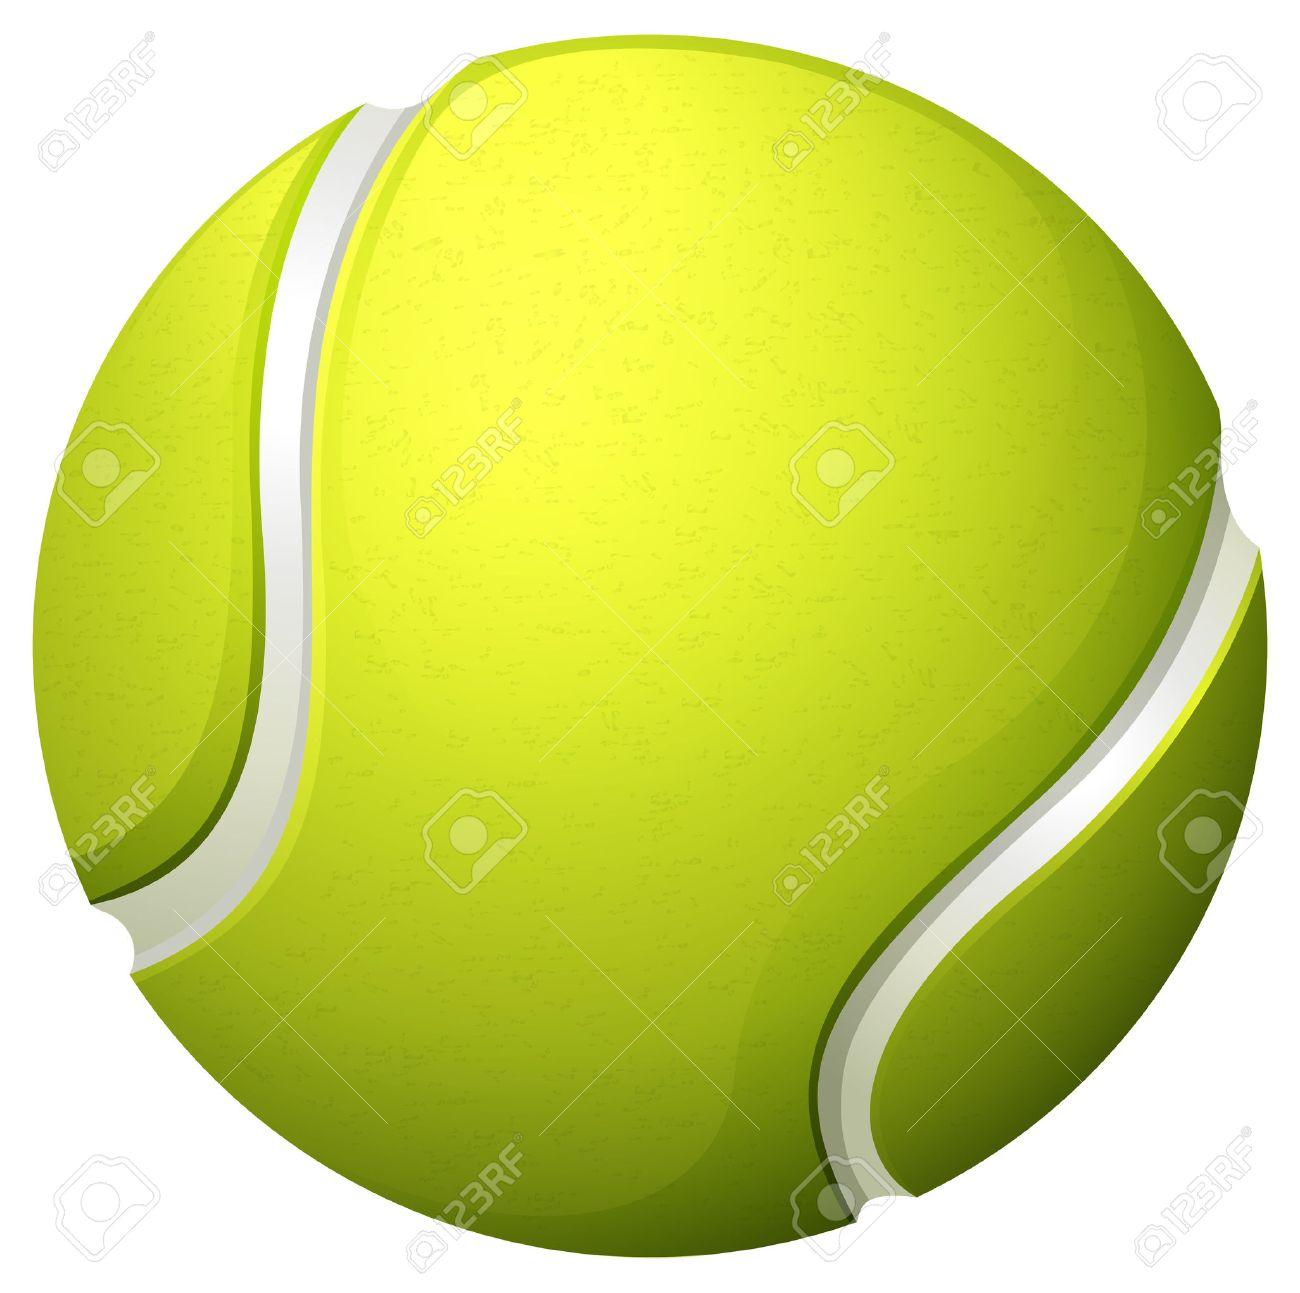 シングル ライト グリーン テニス ボール イラスト ロイヤリティフリー